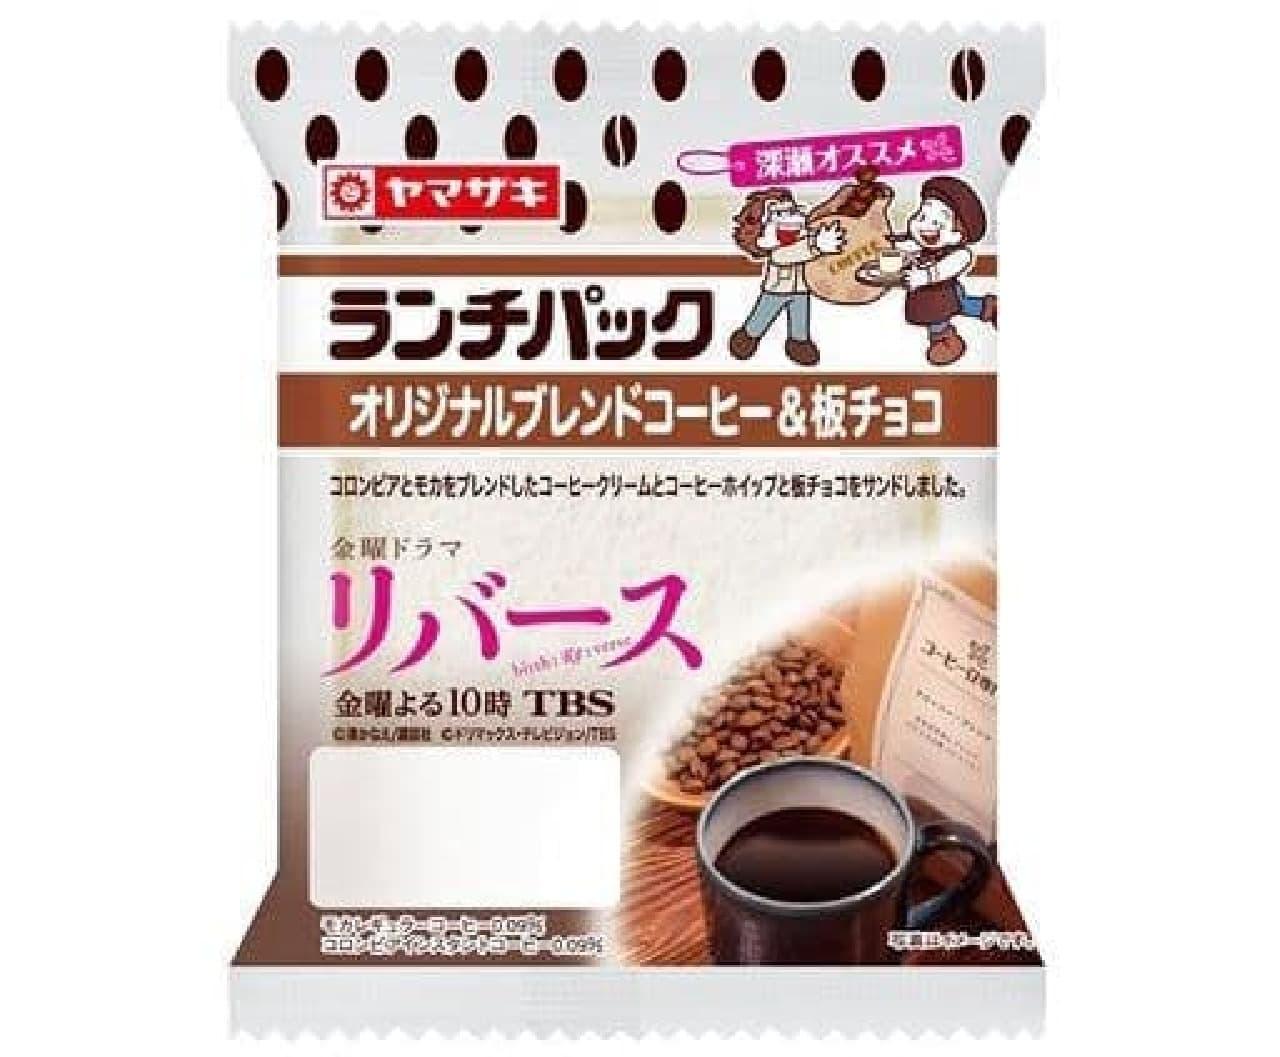 山崎製パン「ランチパック(オリジナルブレンドコーヒー&板チョコ)」